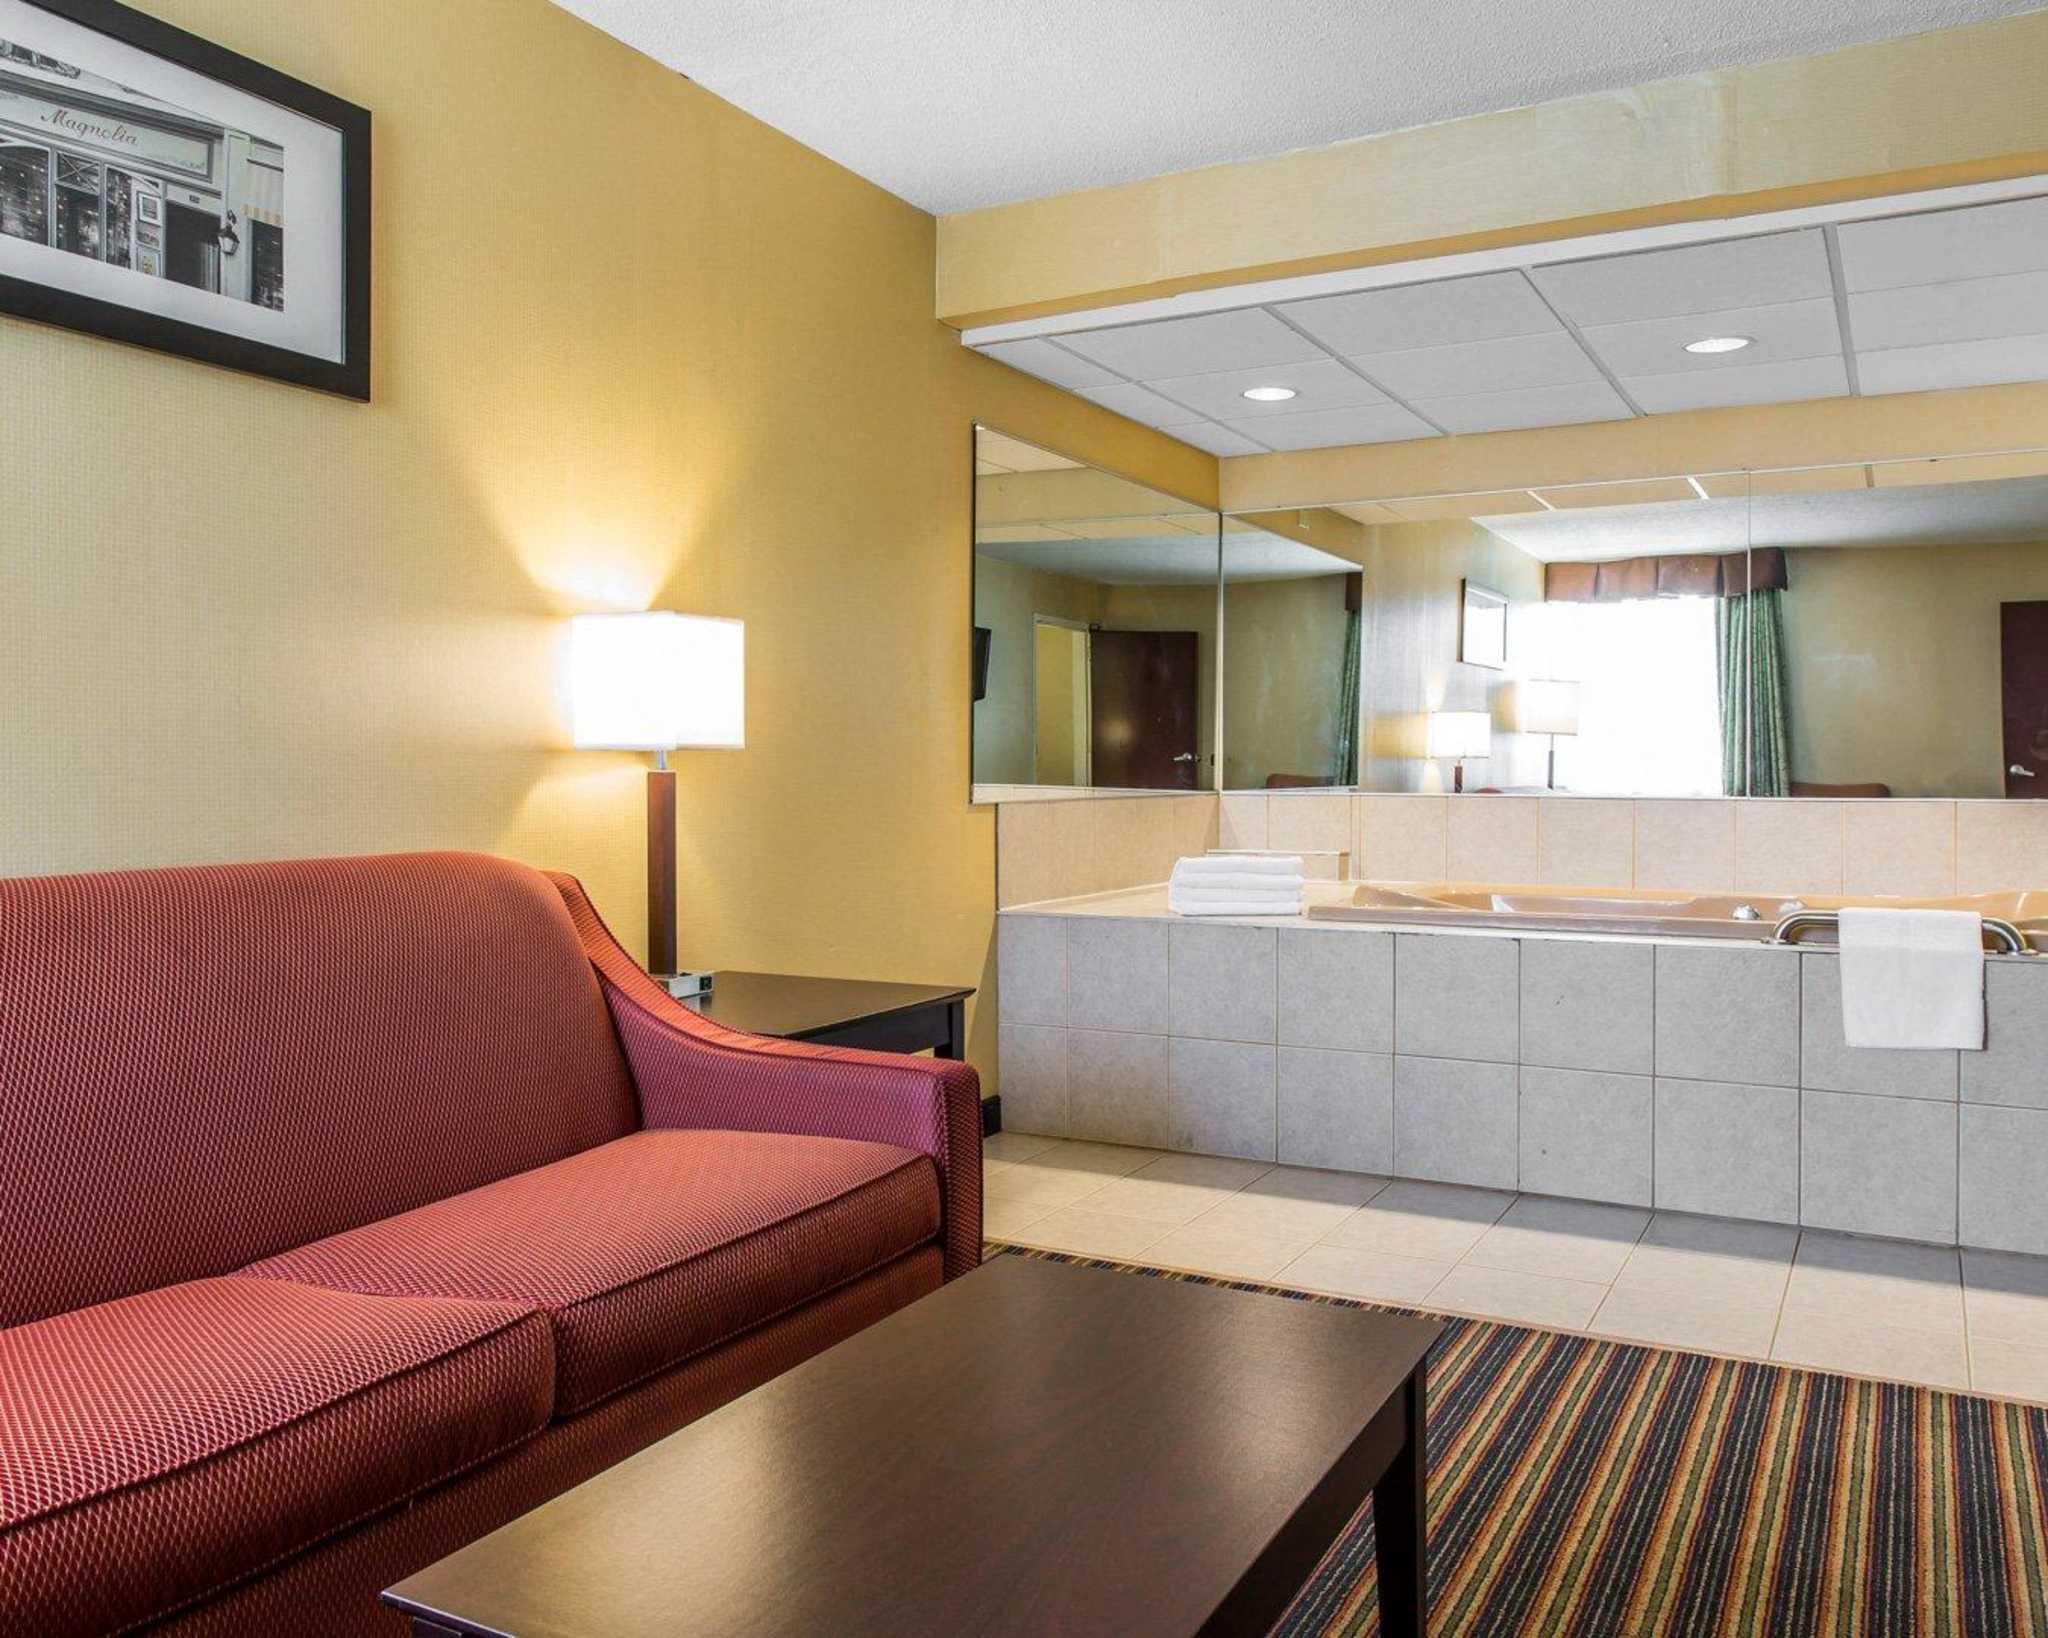 Comfort Inn & Suites East Hartford - Hartford image 21